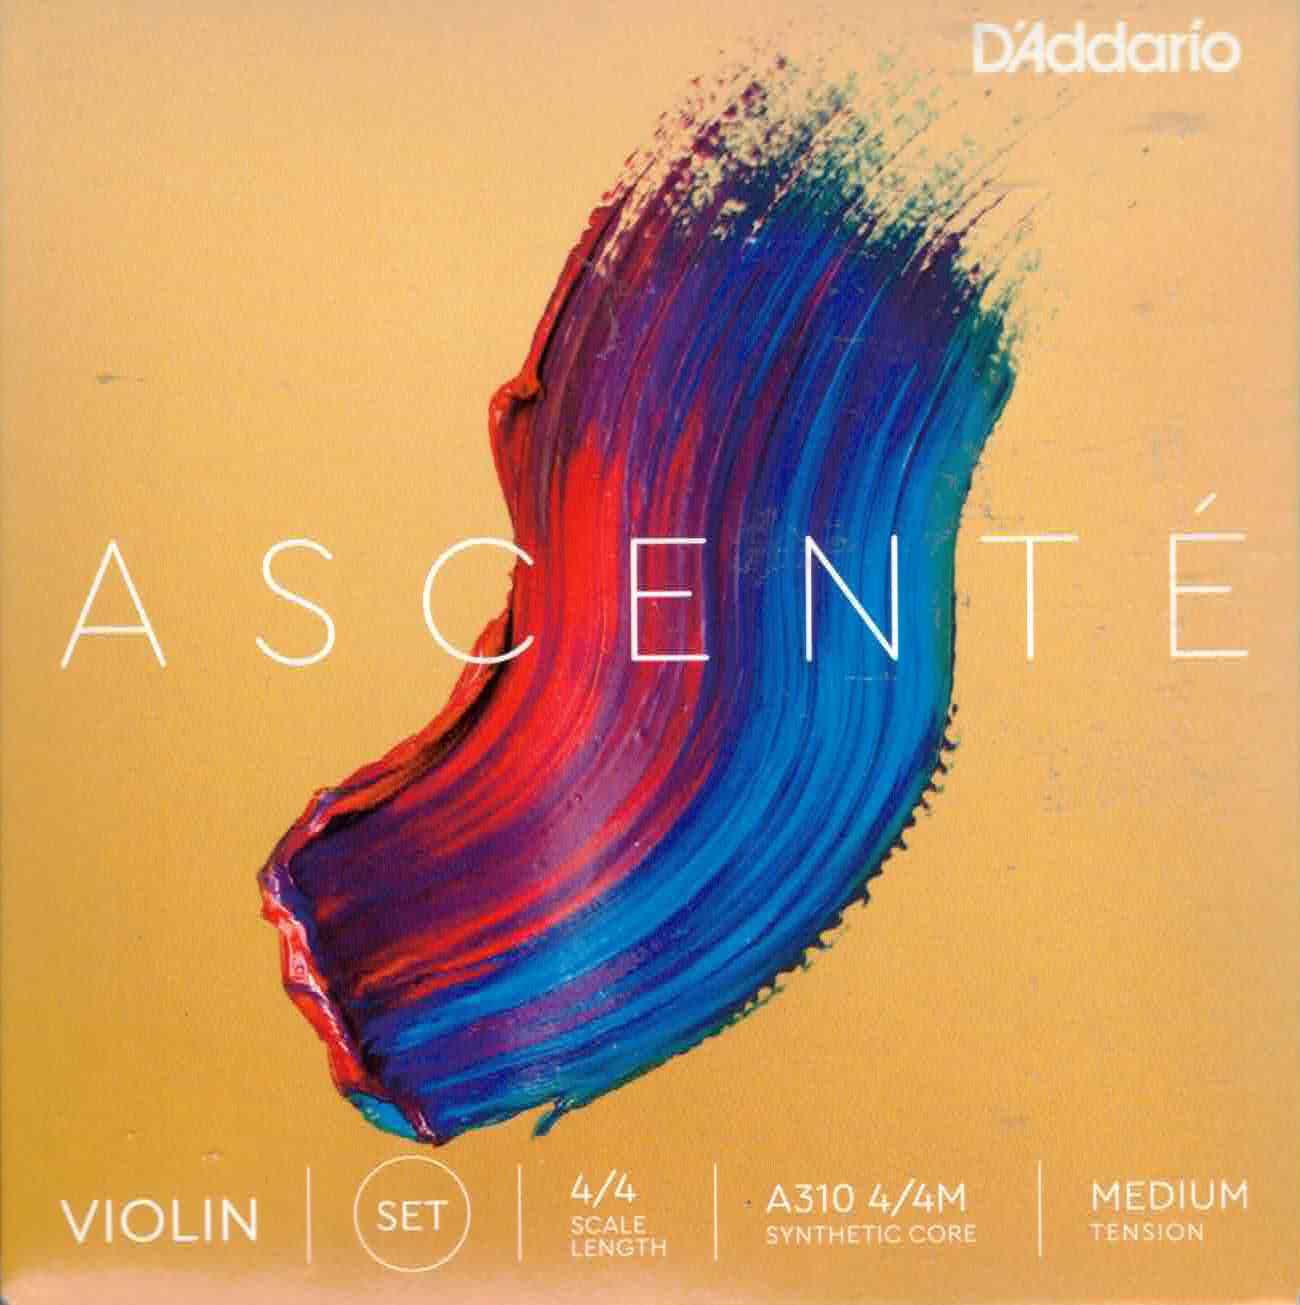 D'addario Ascente 4/4 Medium Tension Violin Strings